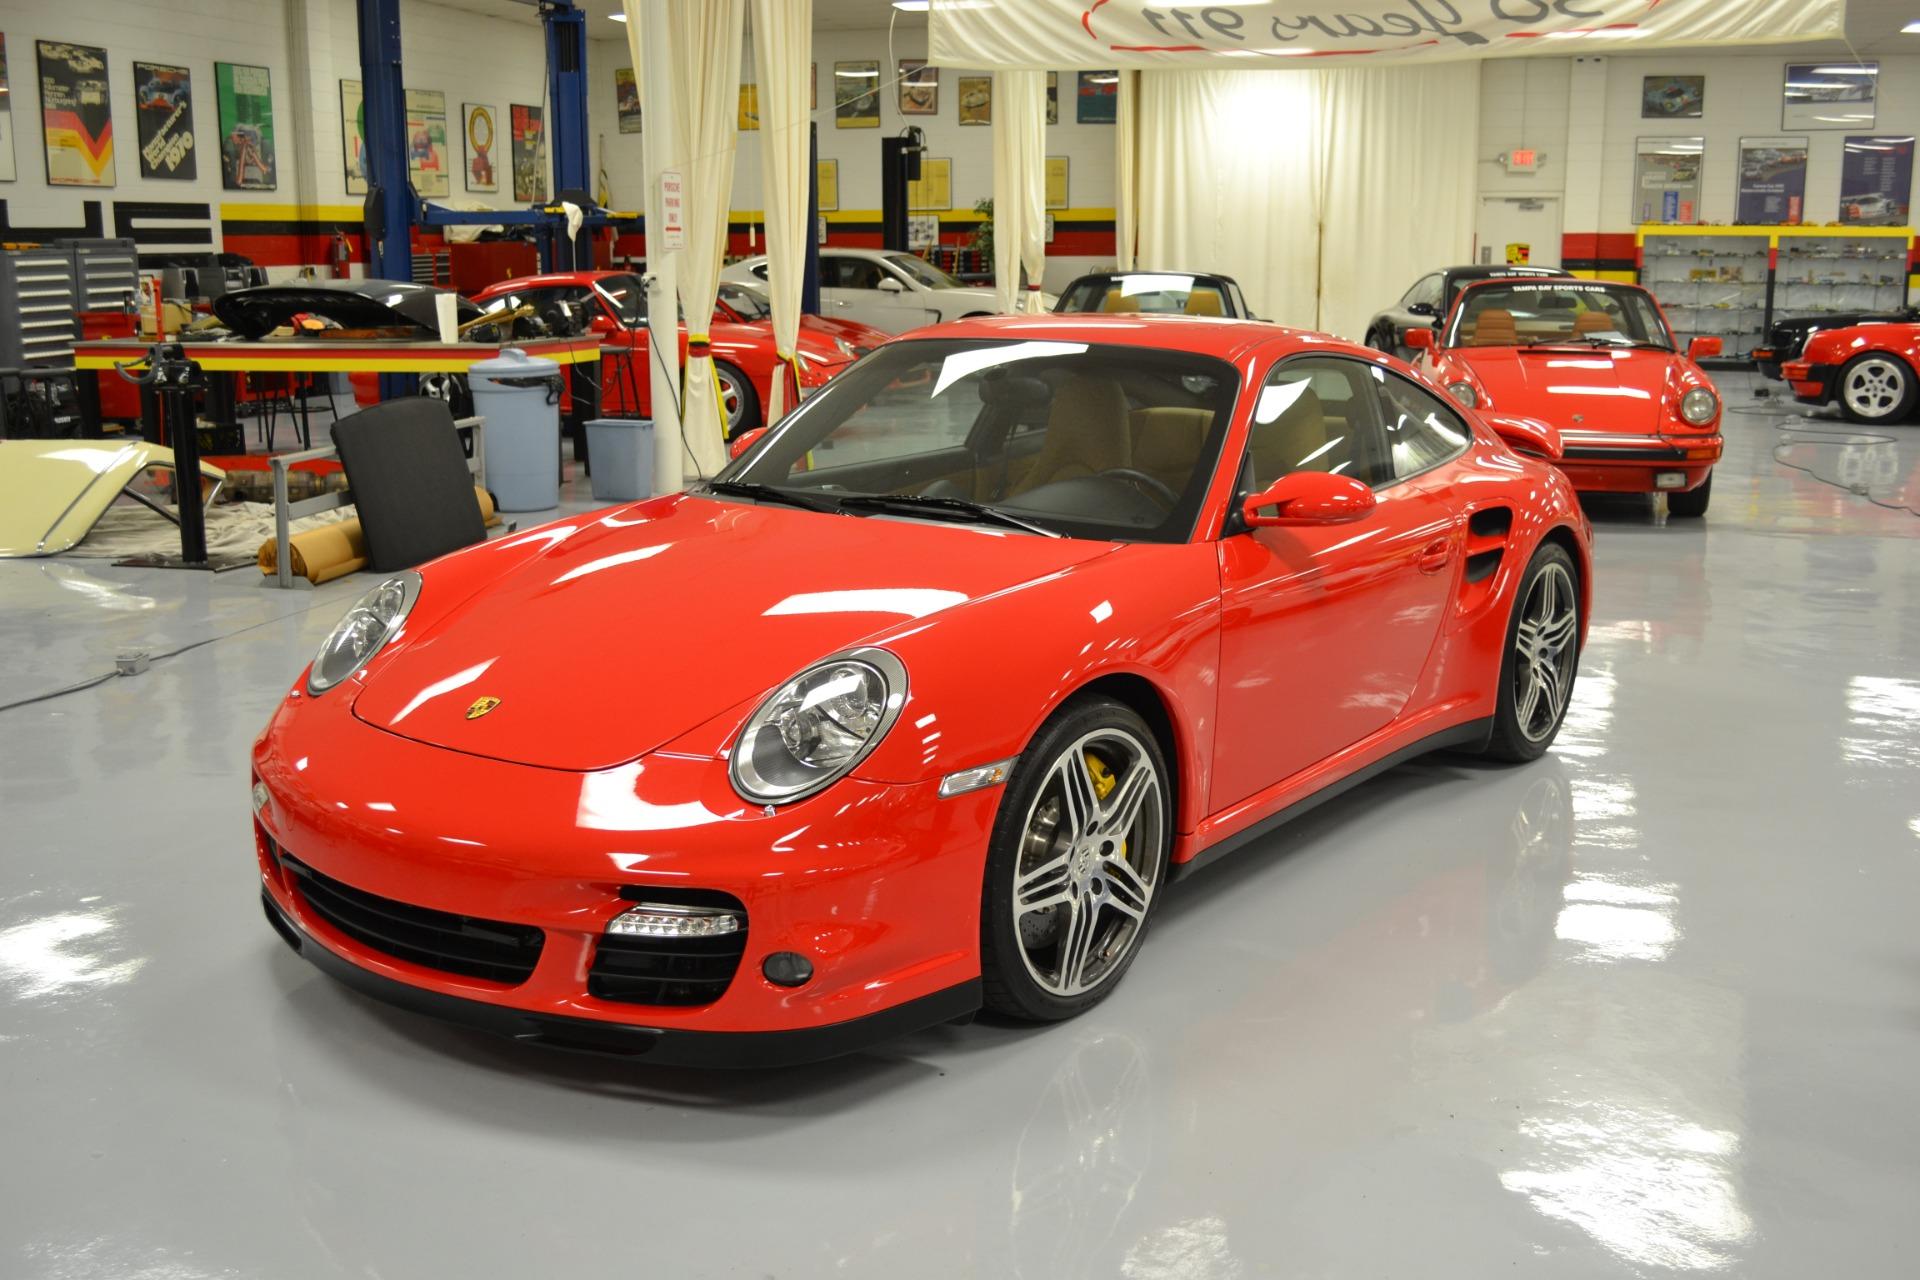 2007 Porsche 911 Carrera 4 Turbo For Sale In Pinellas Park